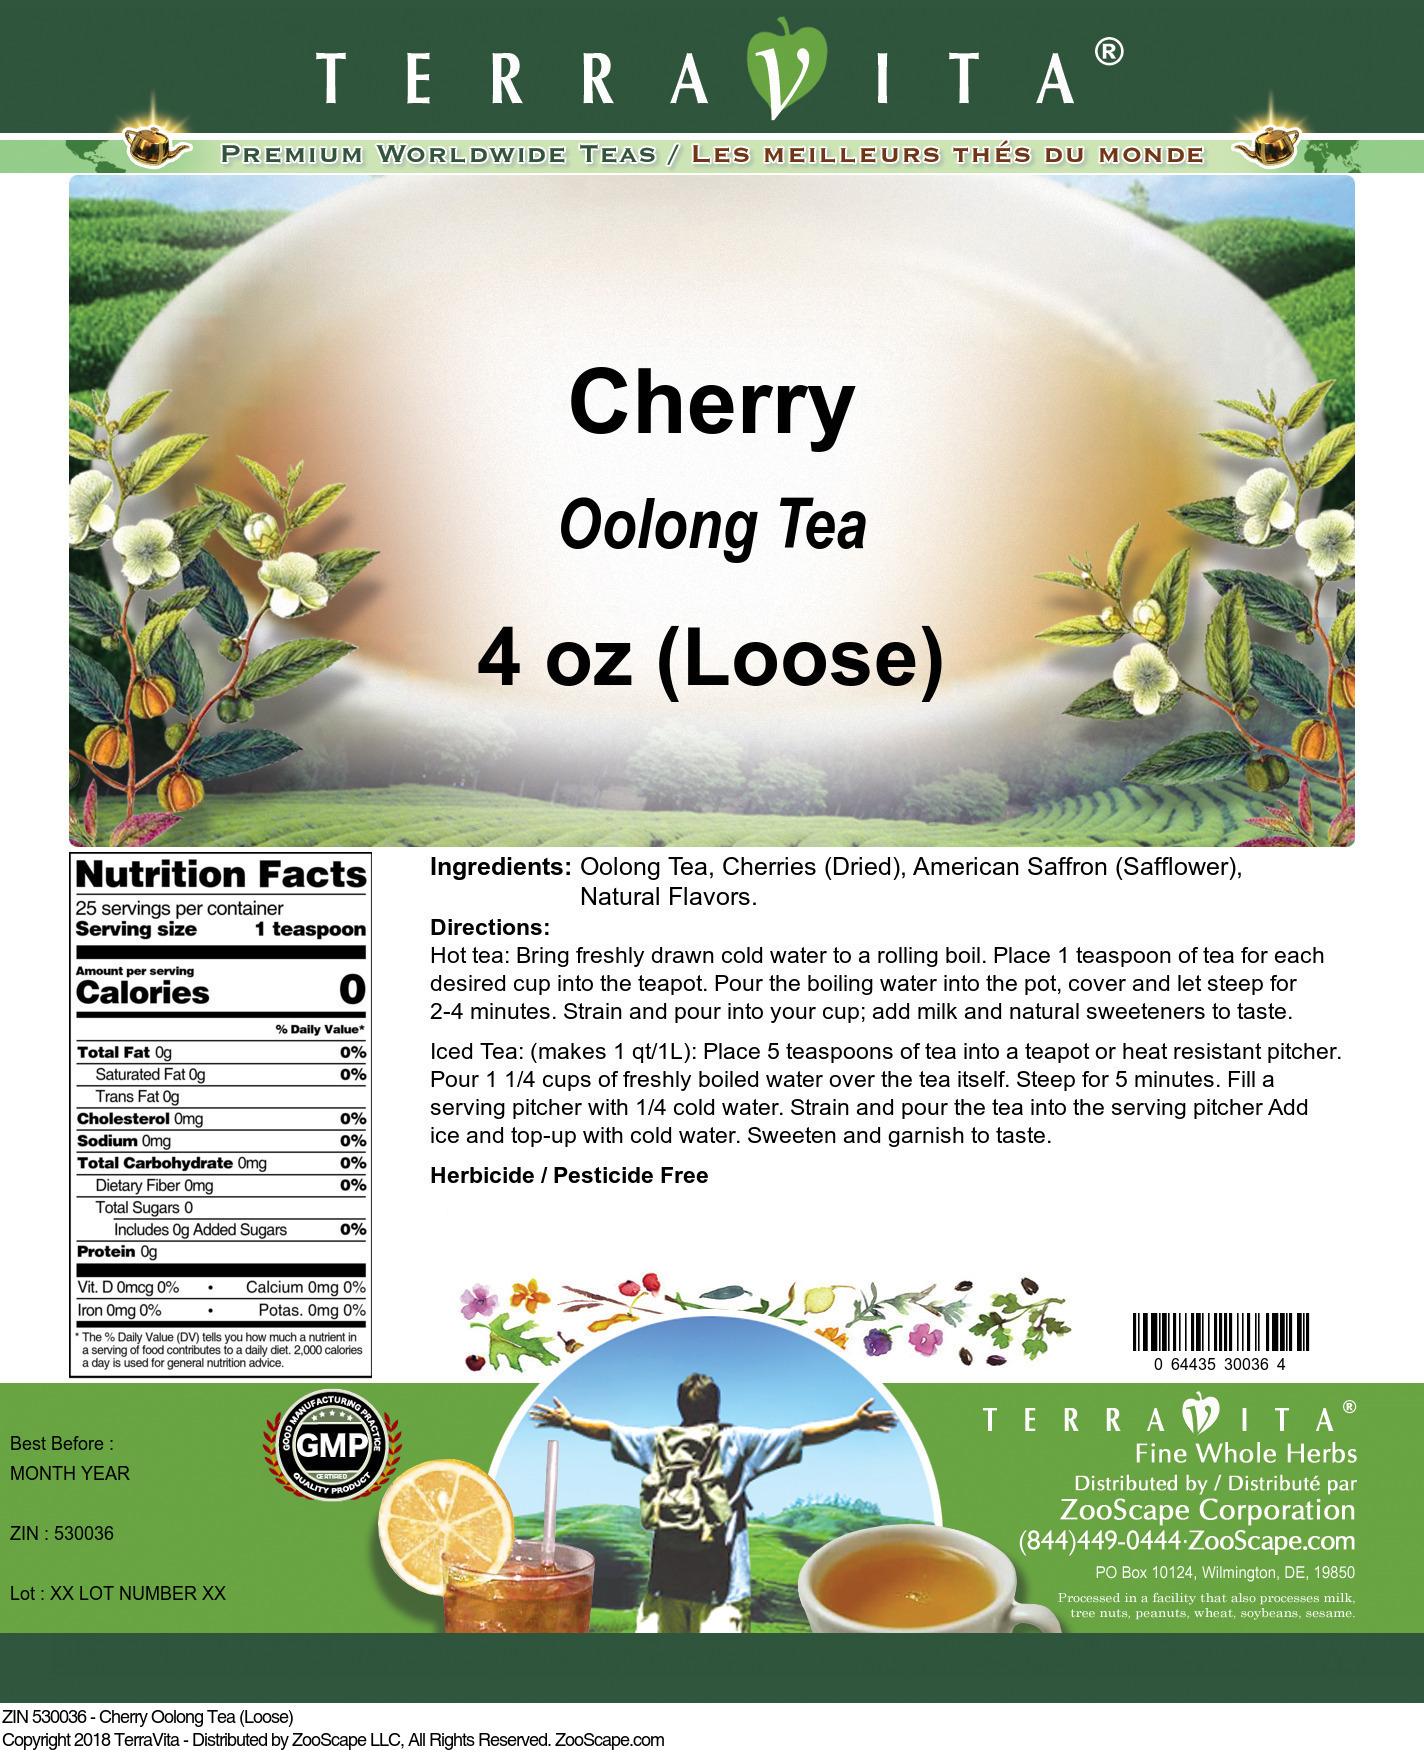 Cherry Oolong Tea (Loose)